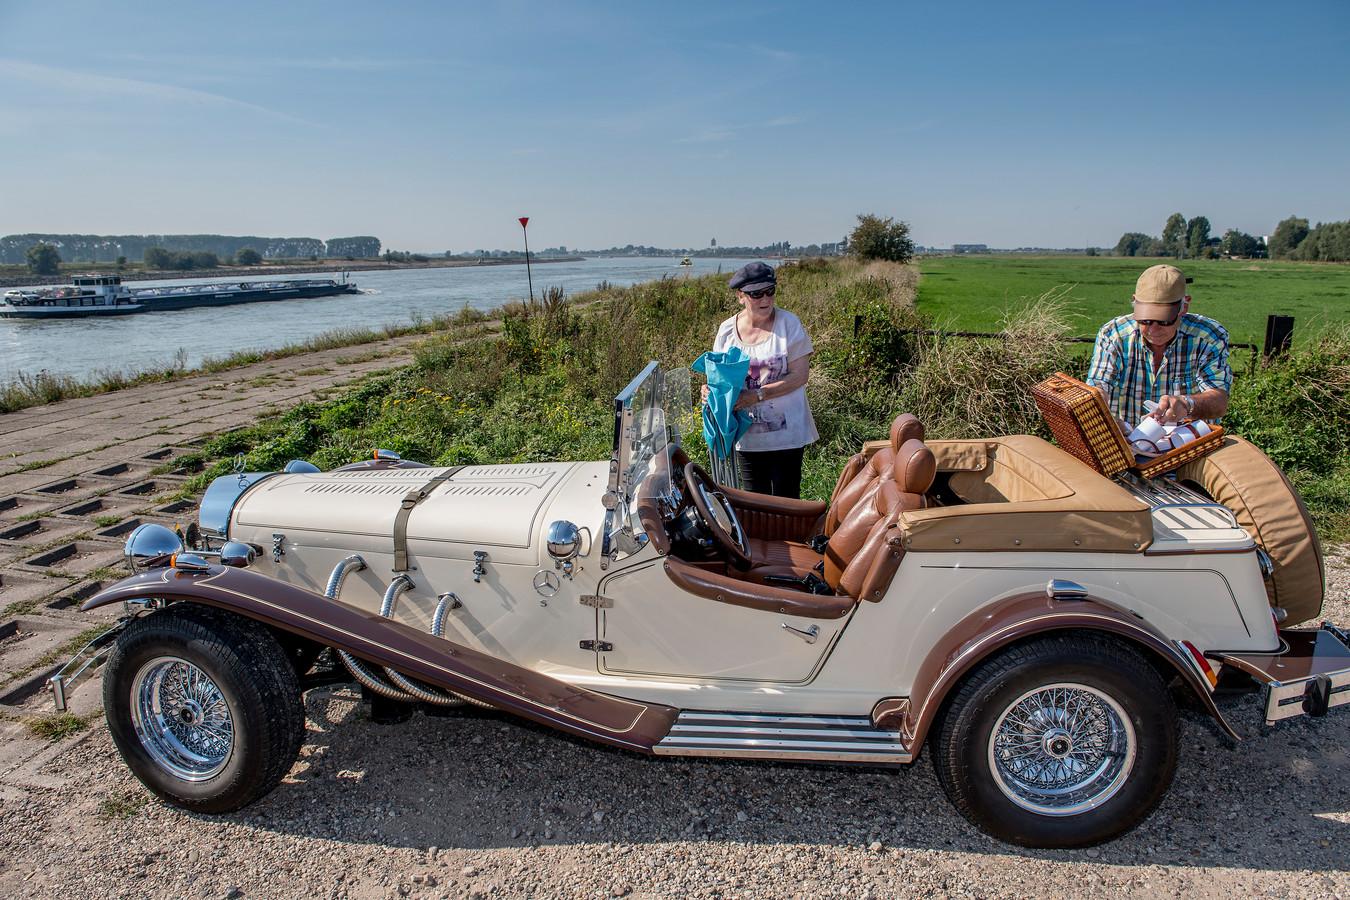 Dinie en Ad van Ingen uit Veenendaal kwamen met hun oldtimer richting De Waal om te genieten van de scheepvaart en een picknick.